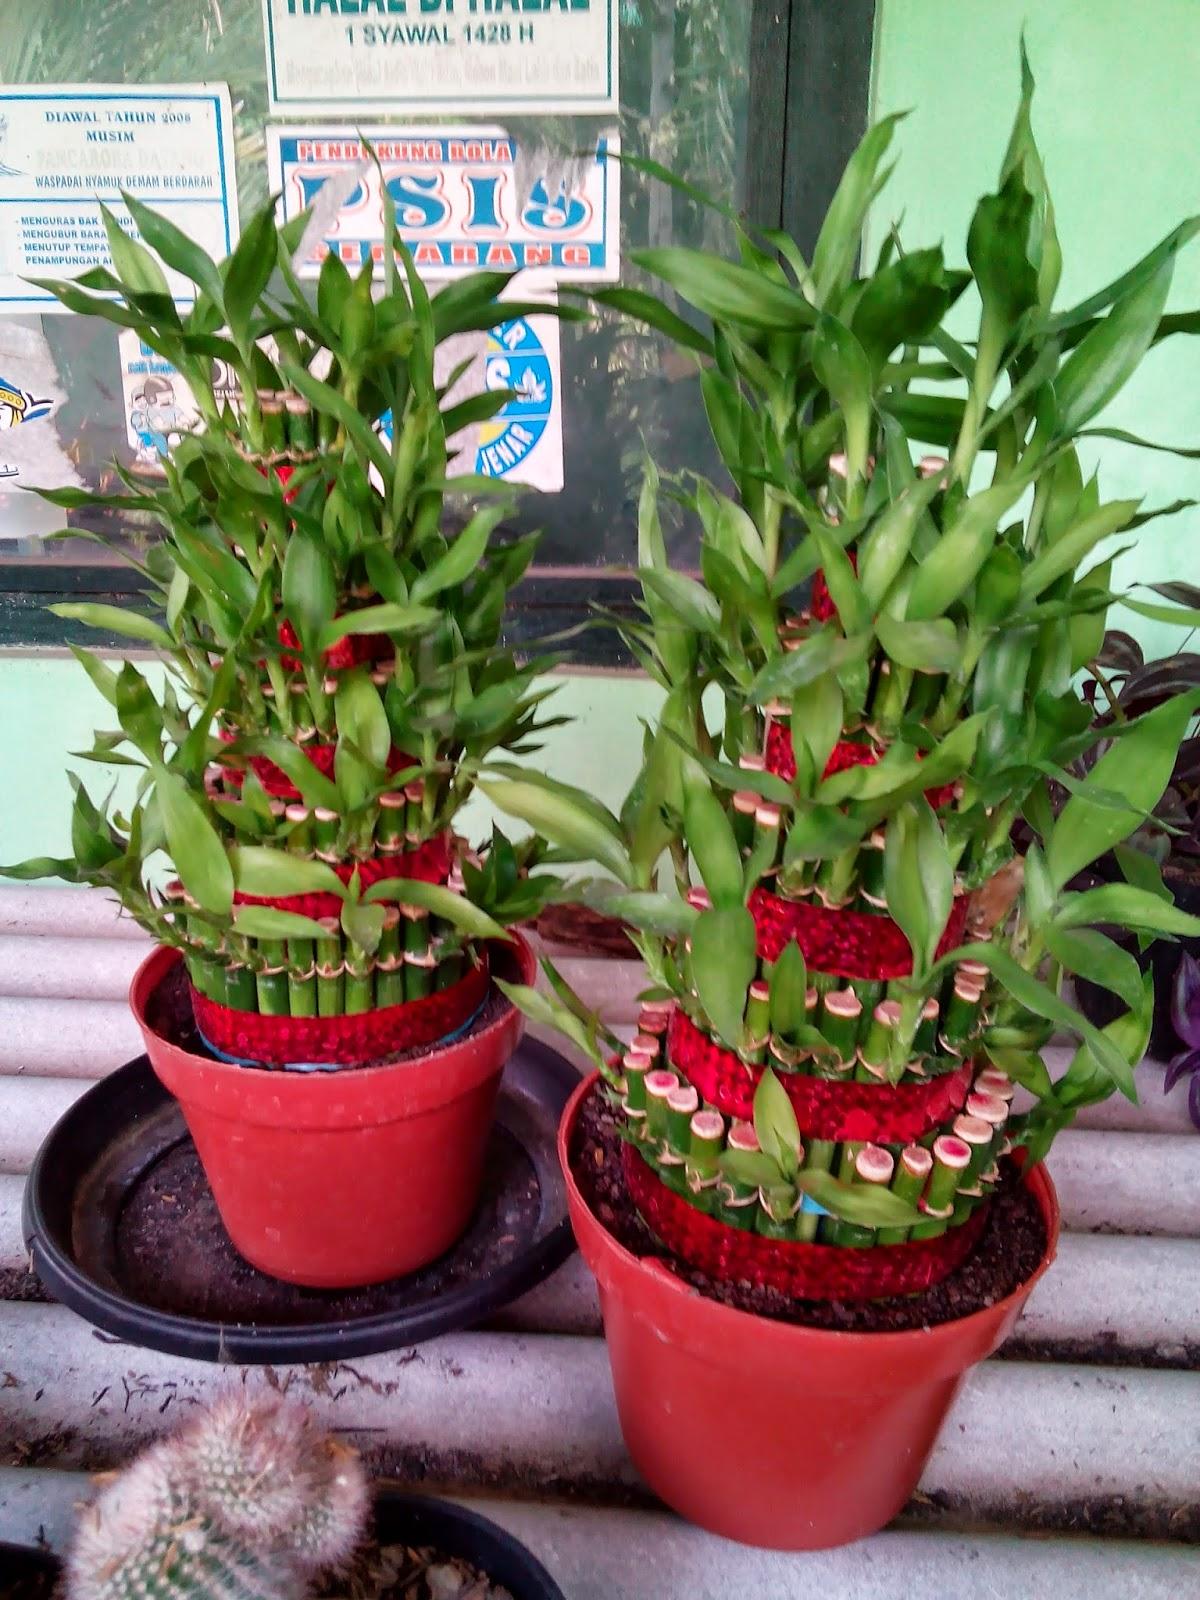 Bambu Rejeki Tanaman Pembawa Keberuntungan Education Articles